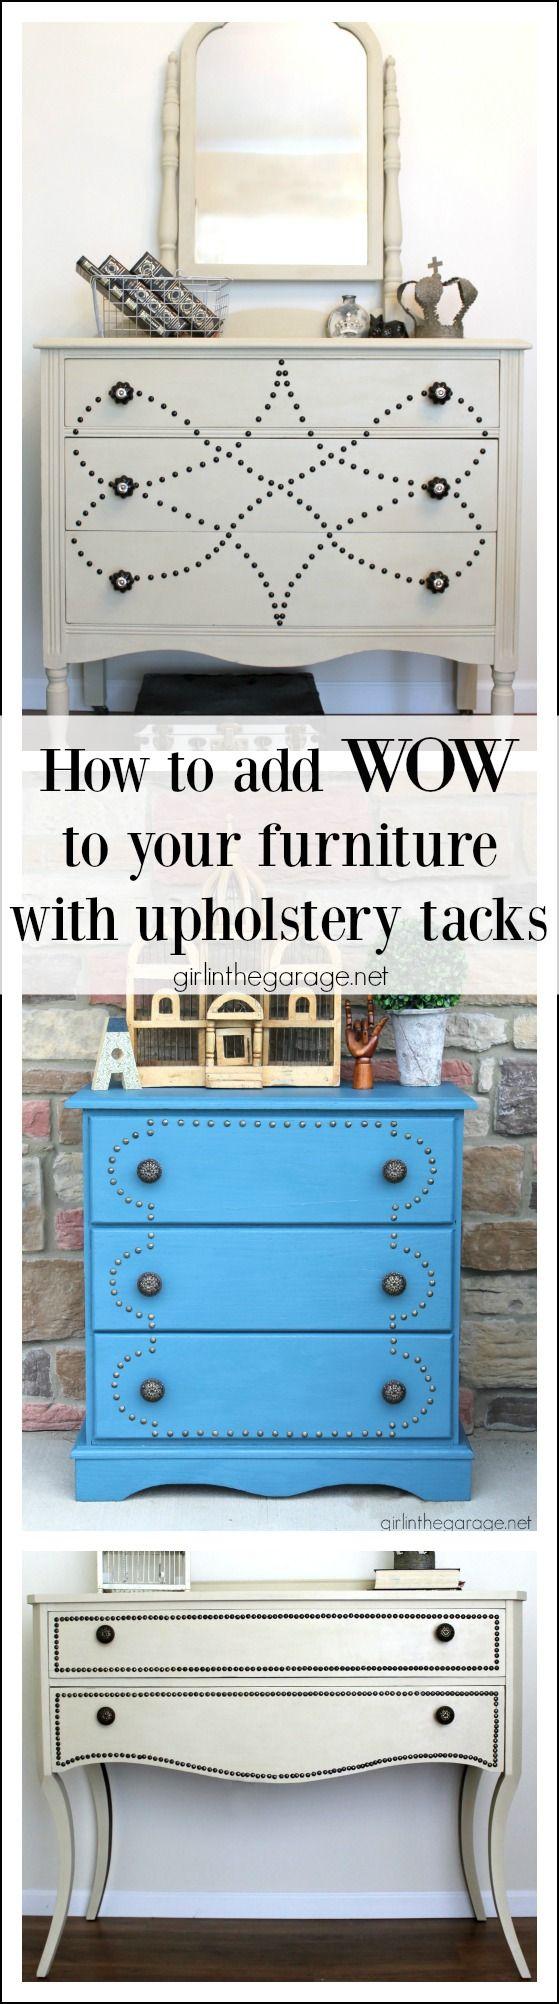 Cómo agregar WOW para muebles con tachuelas de tapicería - girlinthegarage.net